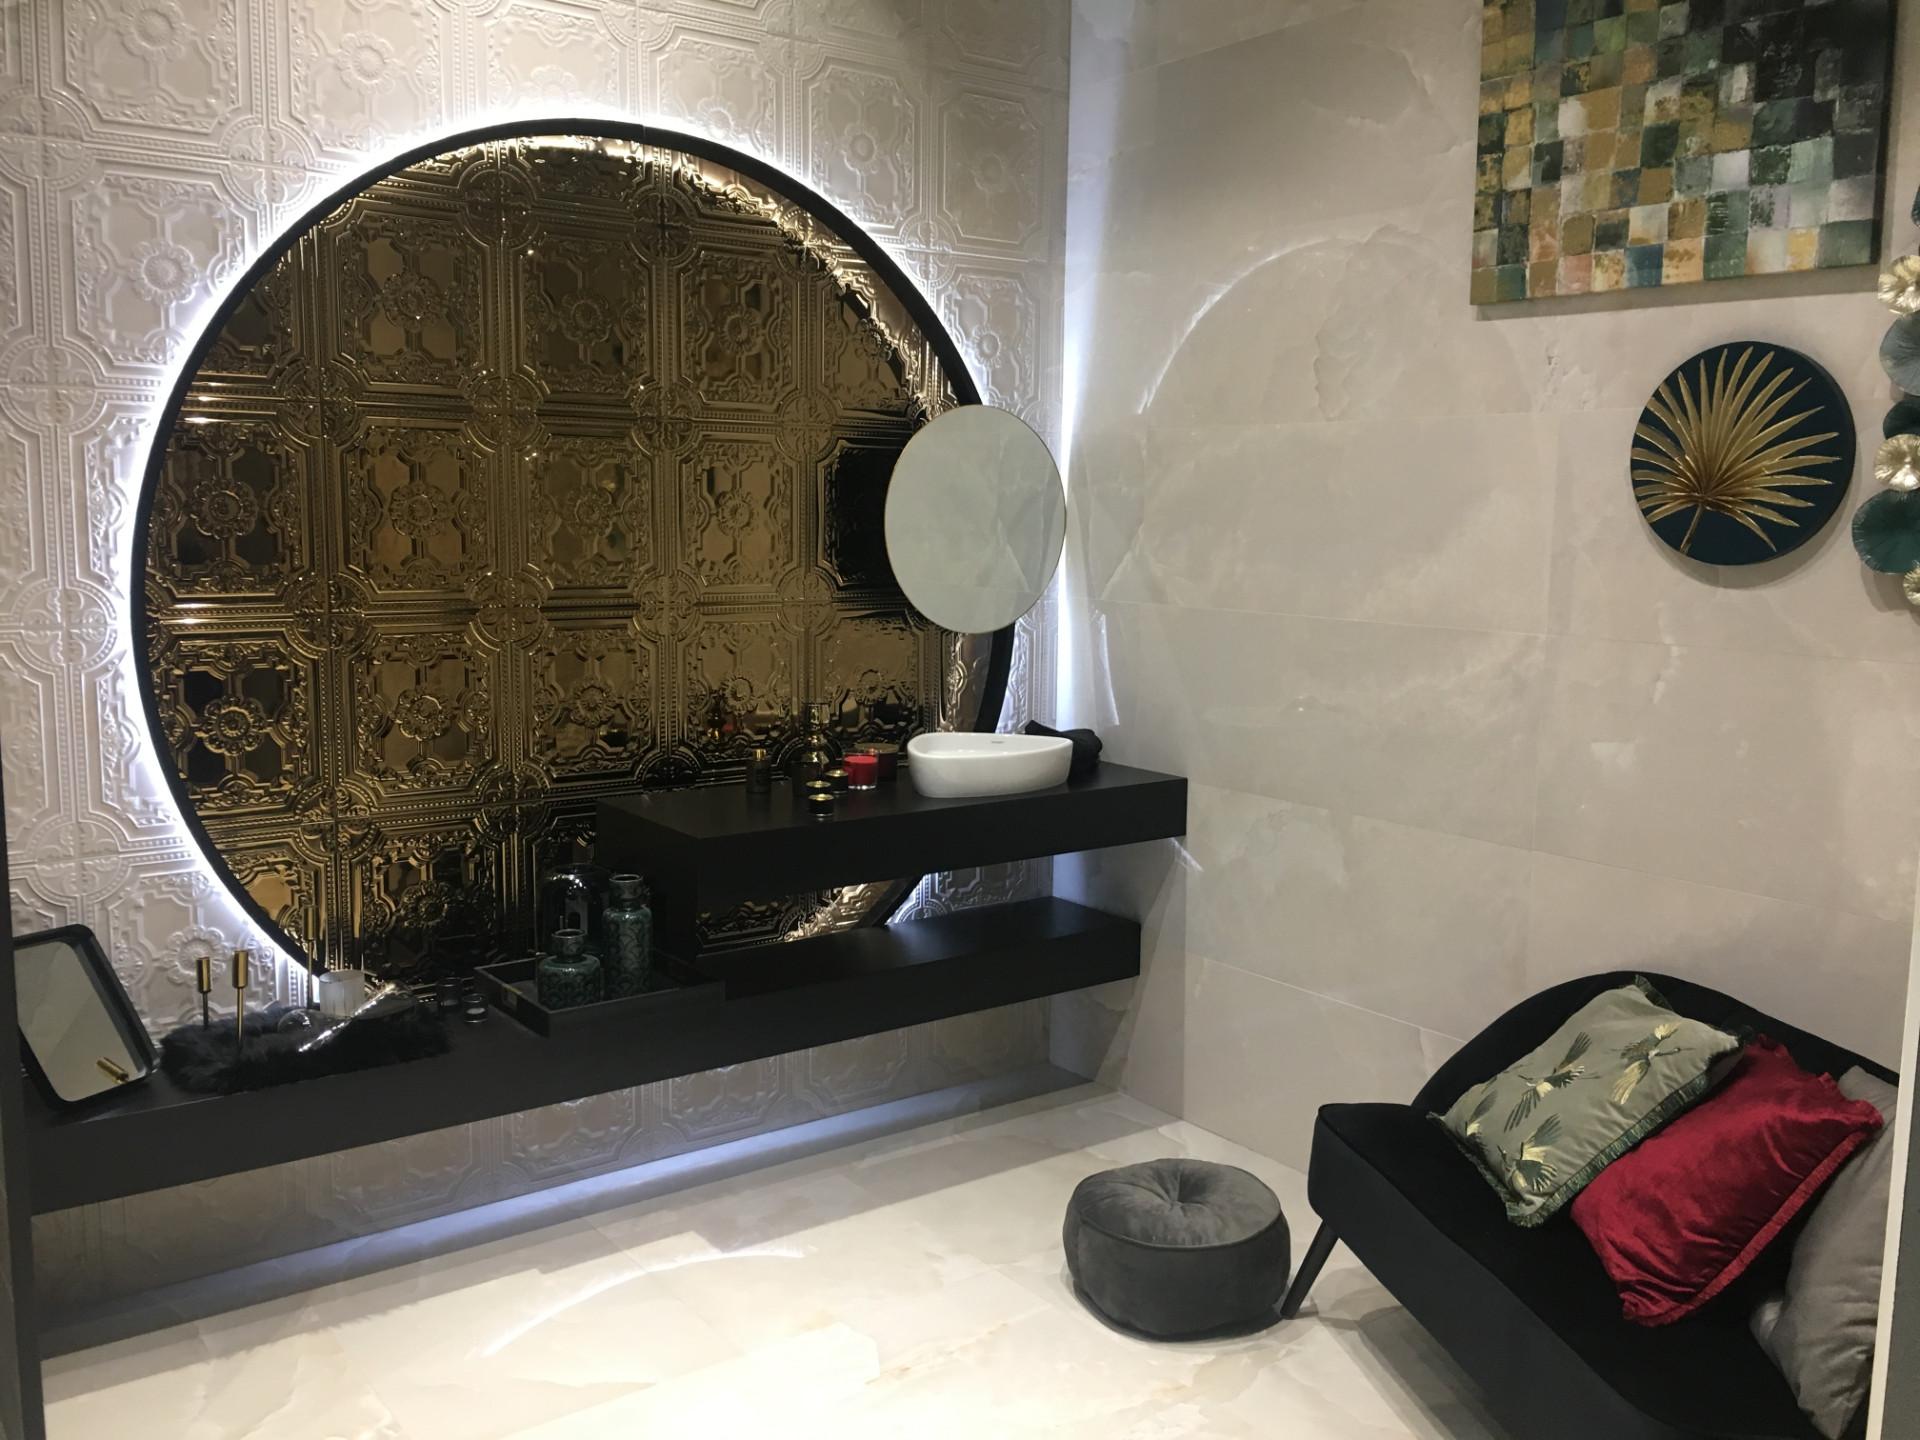 cevisama-feria-evento-internacional-ceramica-banos-piedra-feria-valencia-2019-11